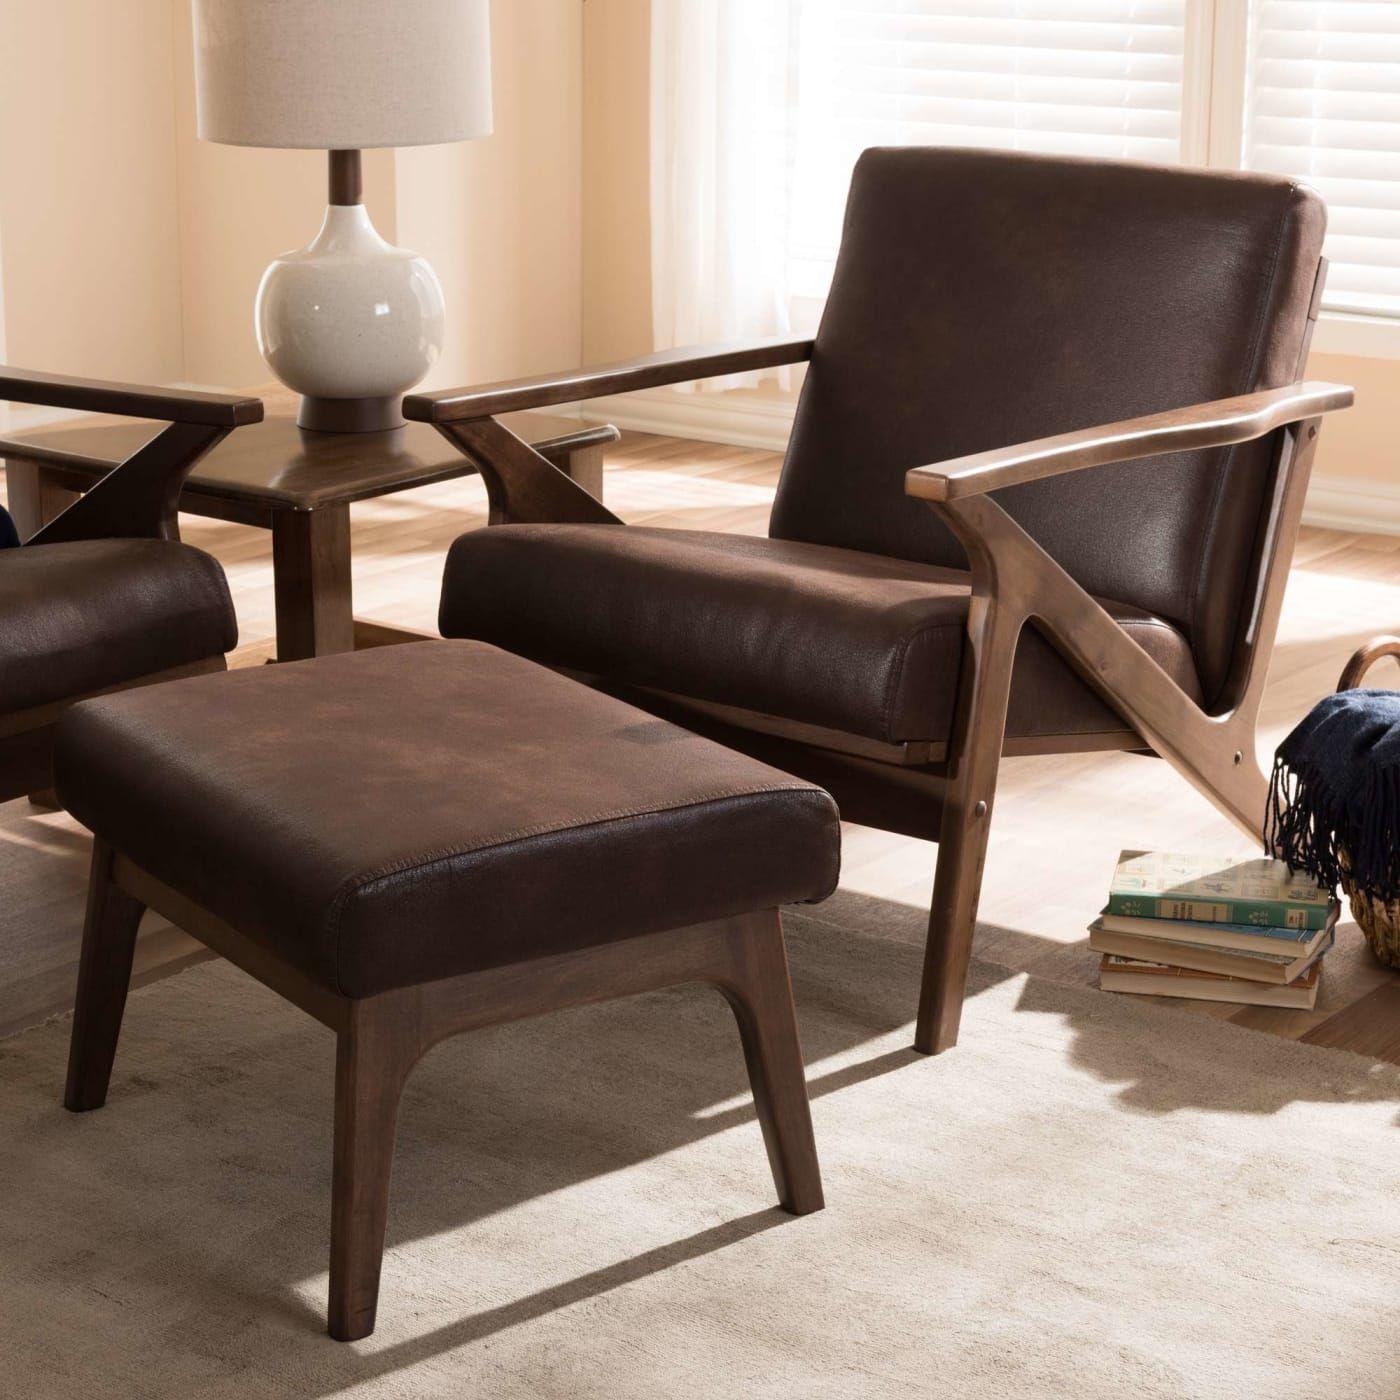 Baxton studio bianca dark brown midcentury modern